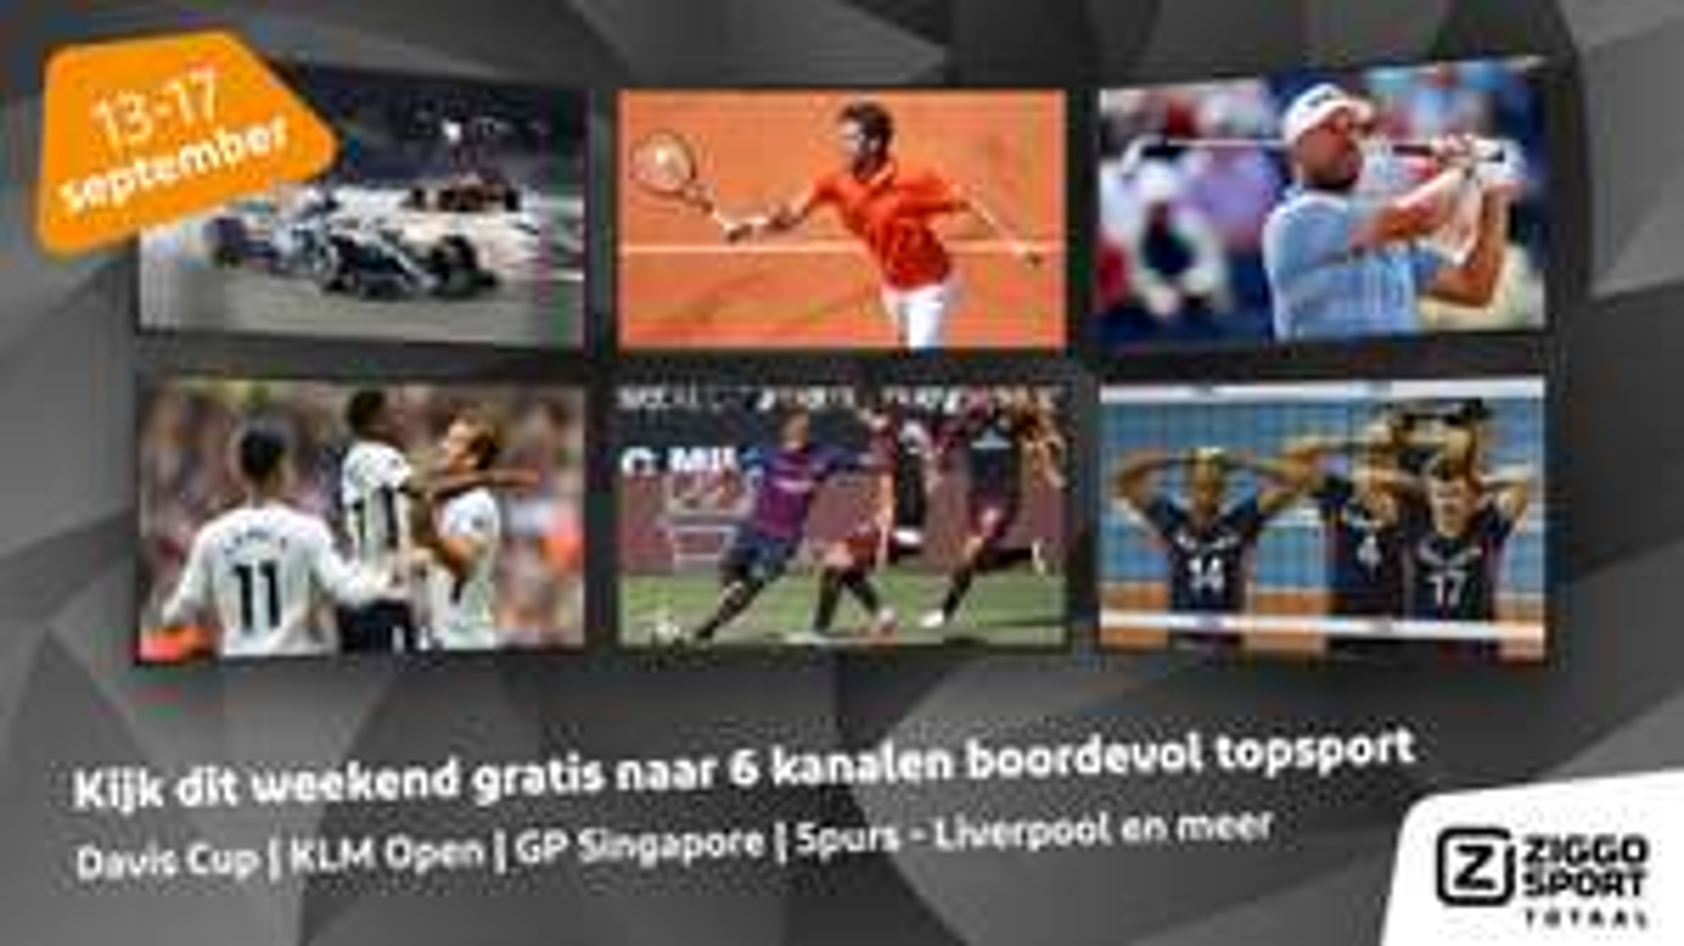 Ziggo Sport Totaal tijdelijk gratis!